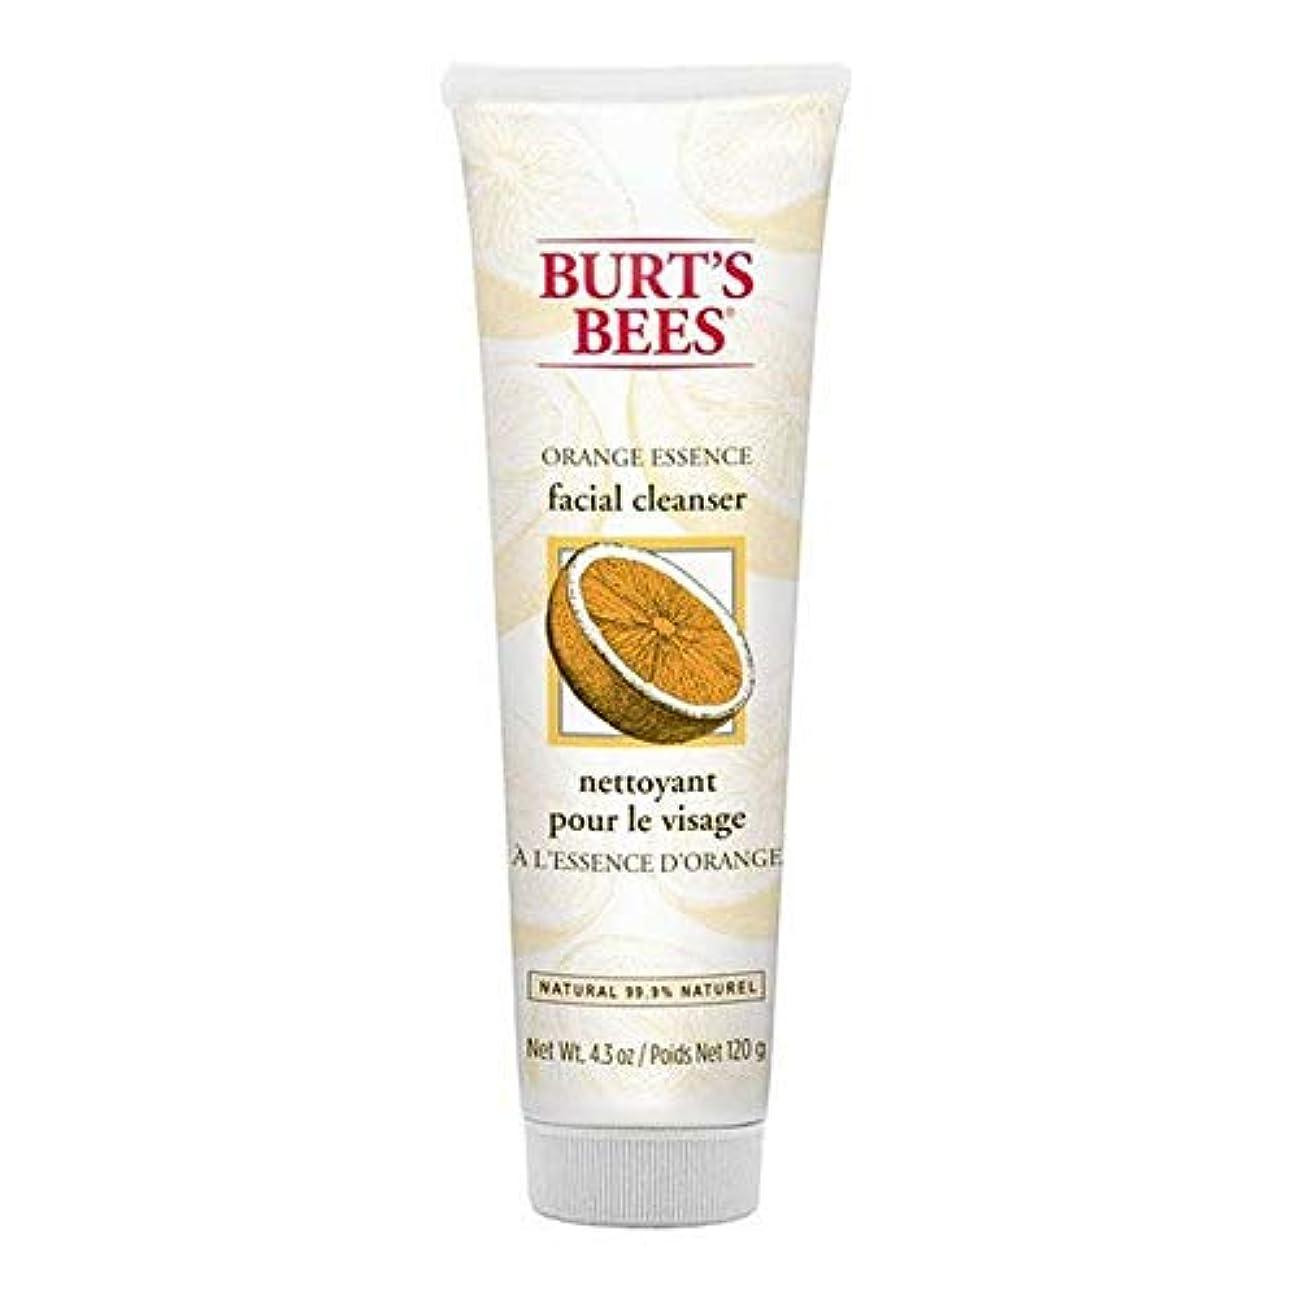 対抗下線ファンタジー[Burt's Bees ] バーツビーオレンジエッセンス洗顔料の120グラム - Burt's Bees Orange Essence Facial Cleanser 120g [並行輸入品]